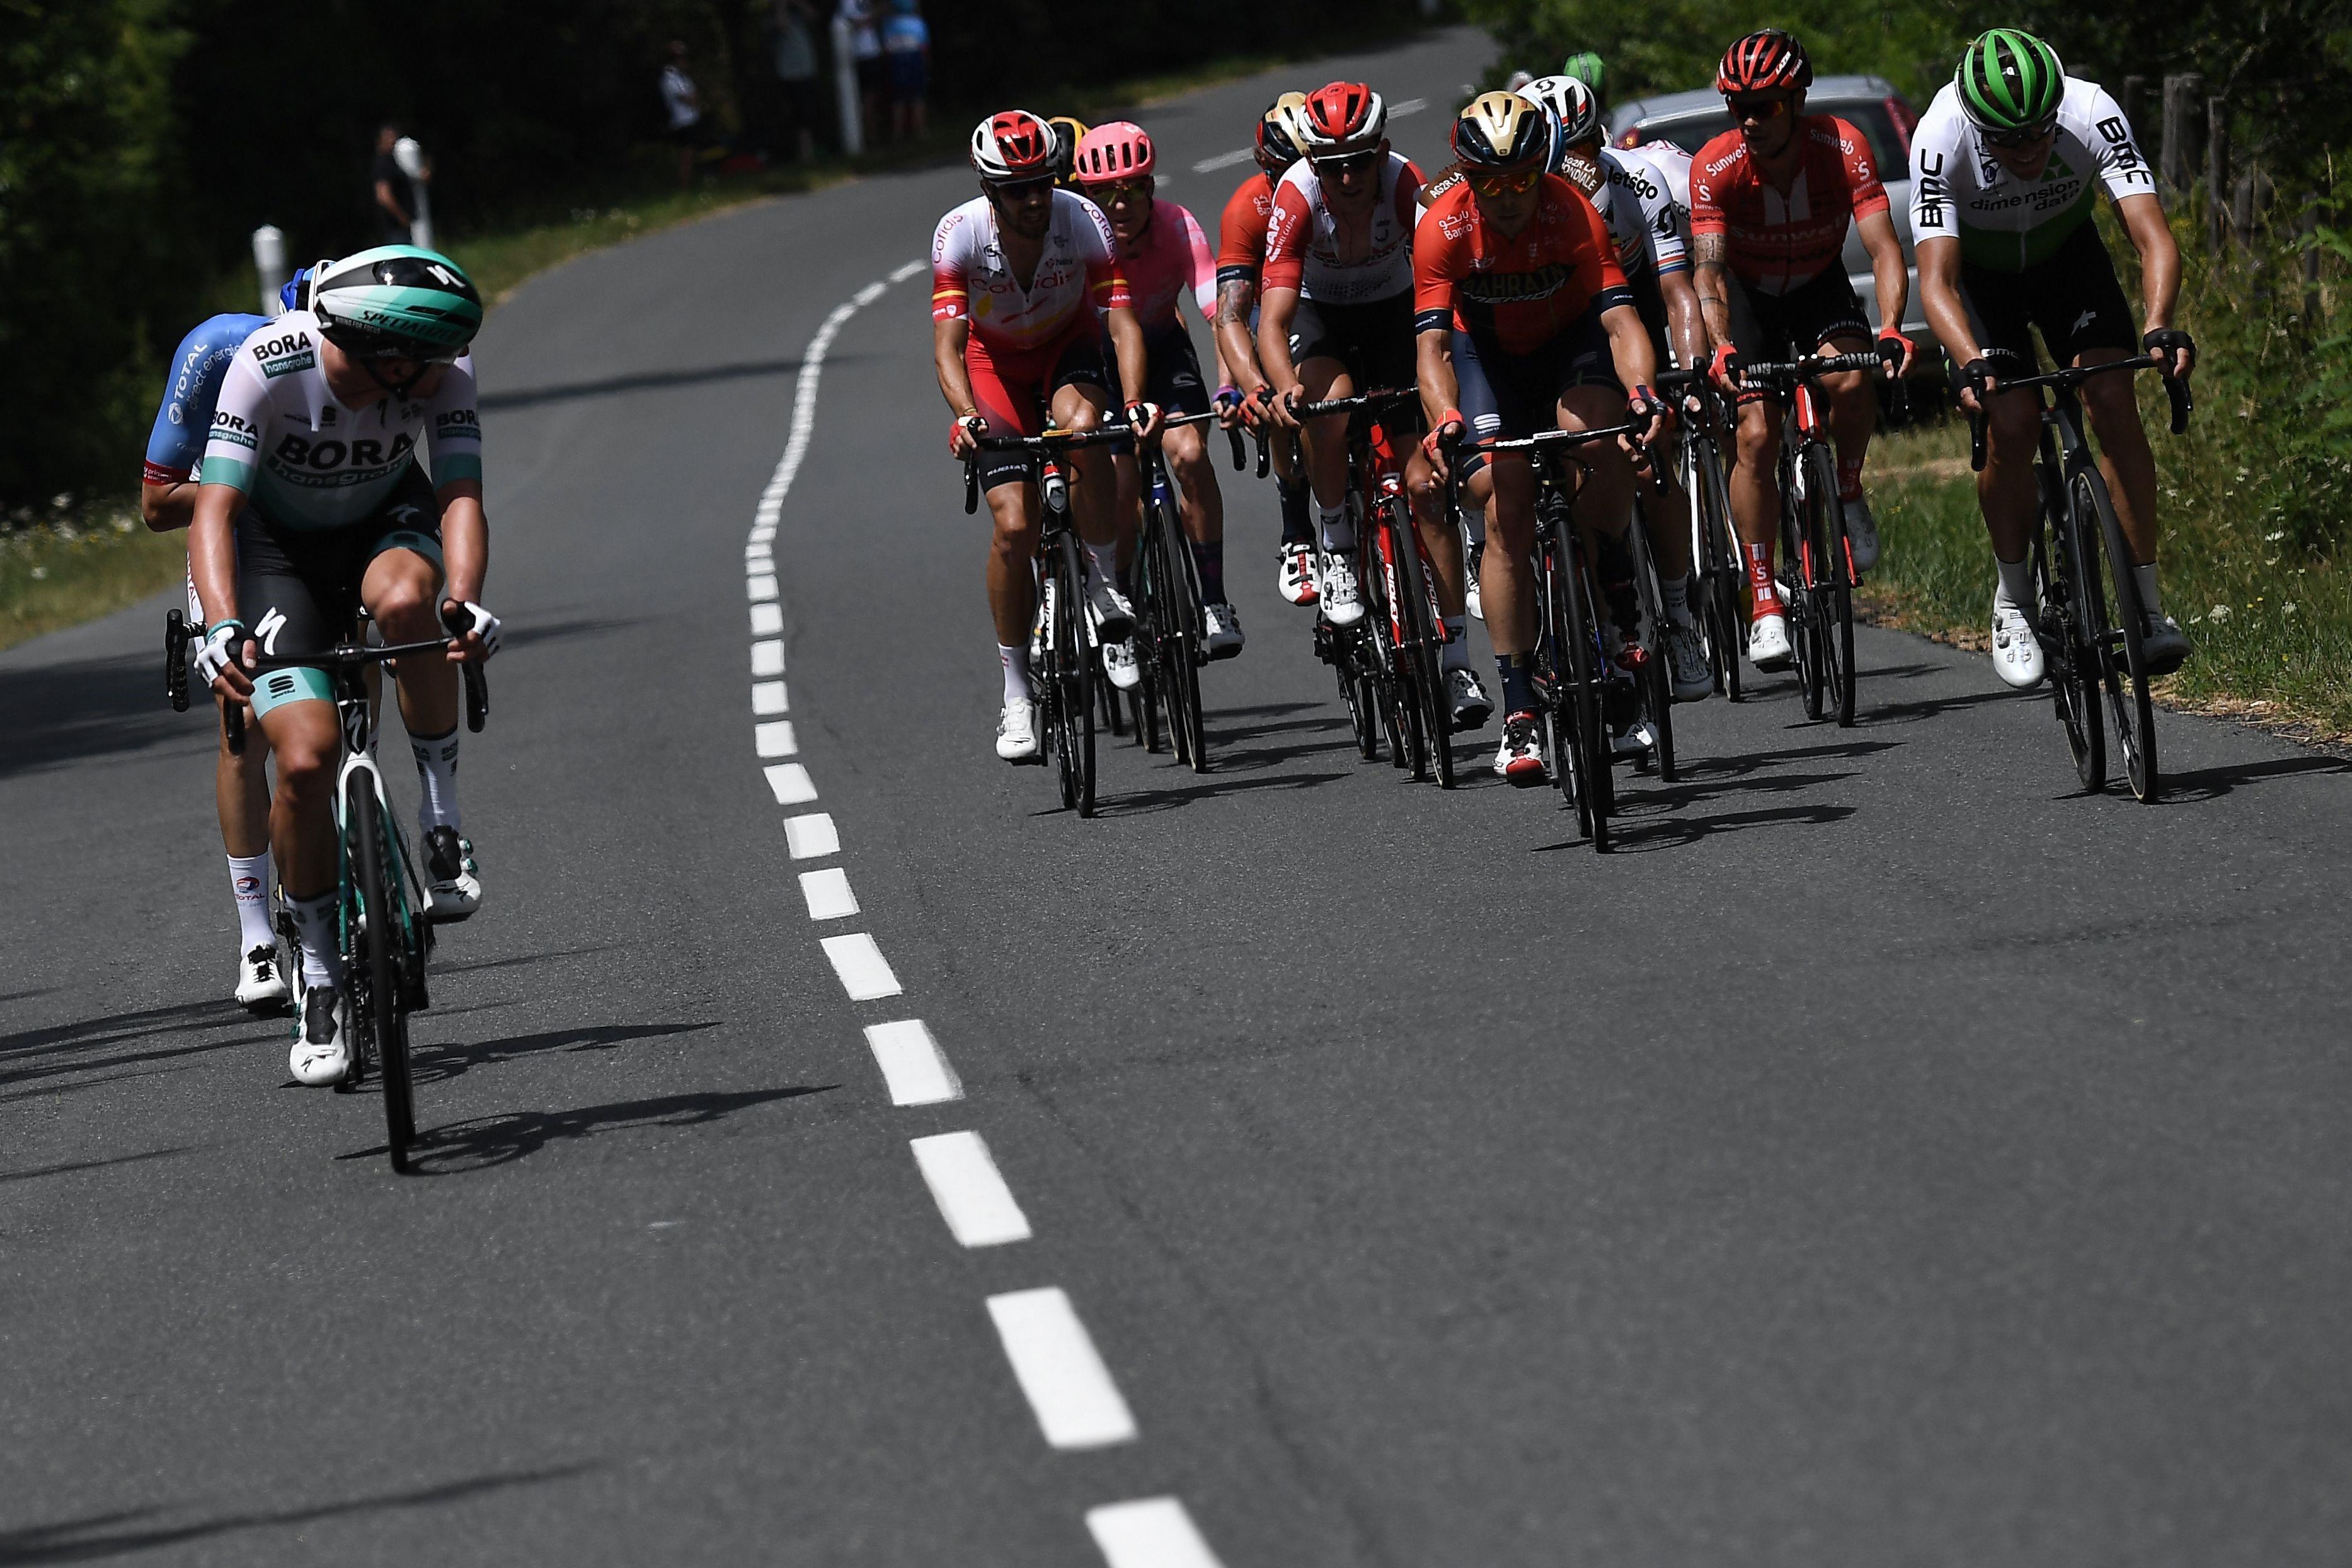 Lukas Postlberger ve kaçış grubu, 2019 Fransa Bisiklet Turu 9. etap